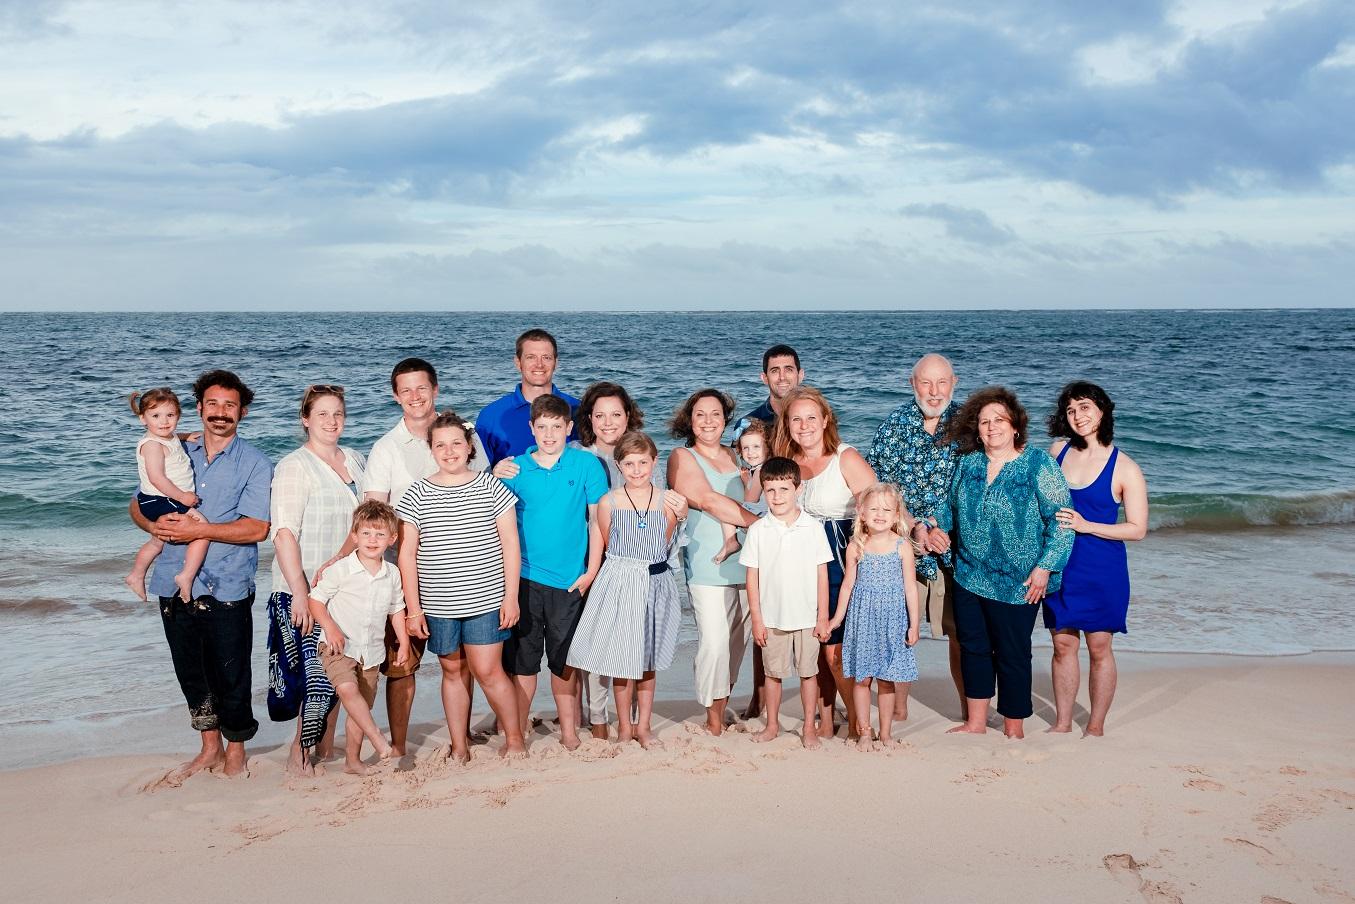 oahu family beach photography portraits